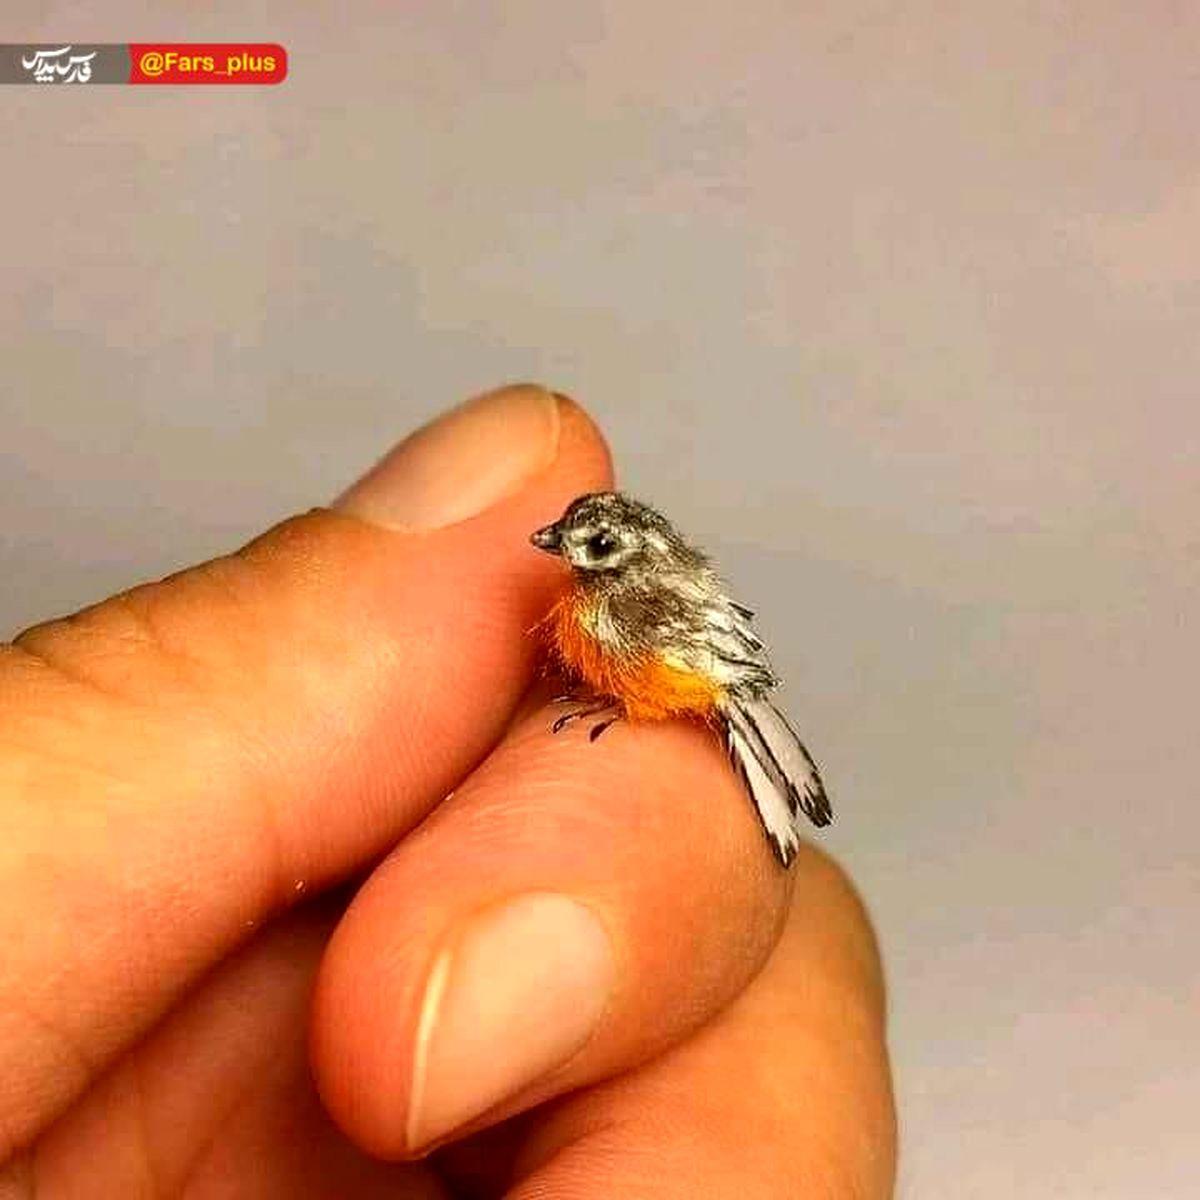 کوچکترین پرنده جهان +عکس